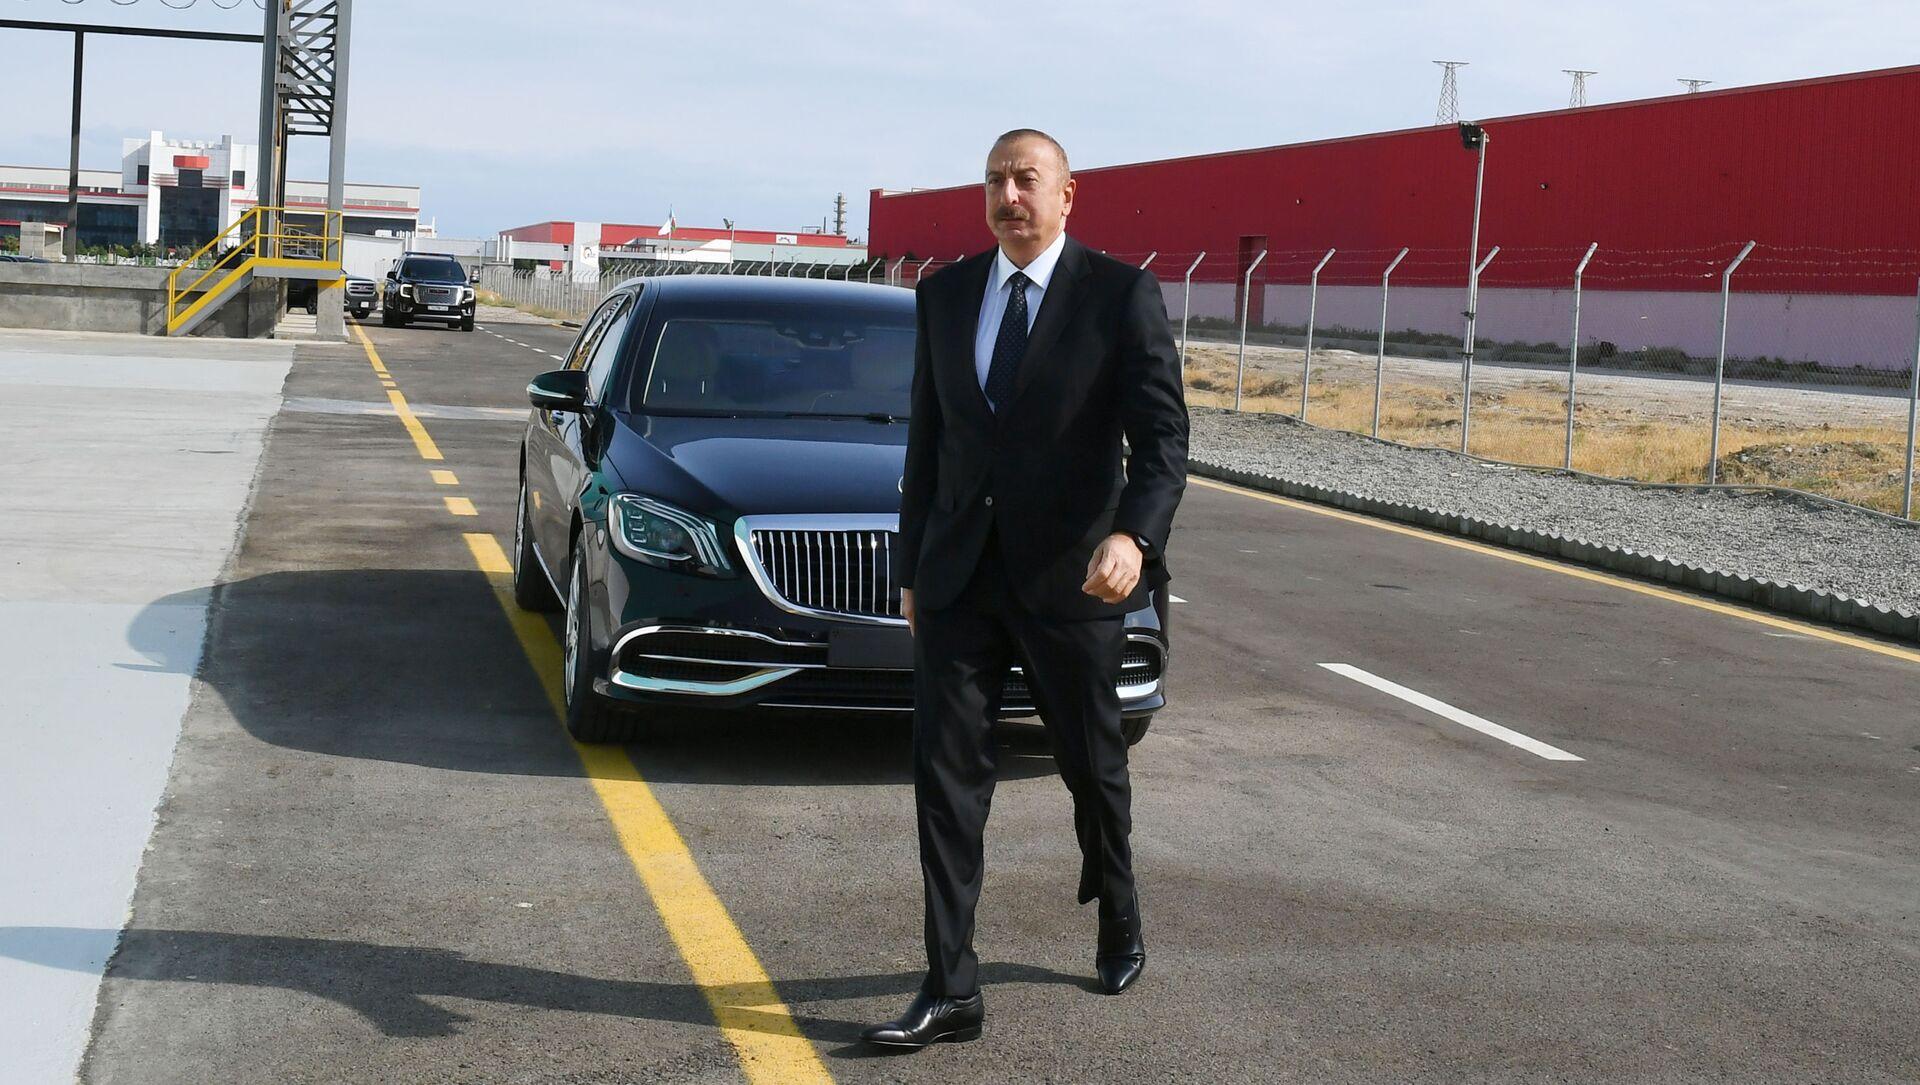 Президент Ильхам Алиев принял участие в открытии ООО Азмонбат в Сумгайытском химическом промышленном парке - Sputnik Azərbaycan, 1920, 03.09.2021